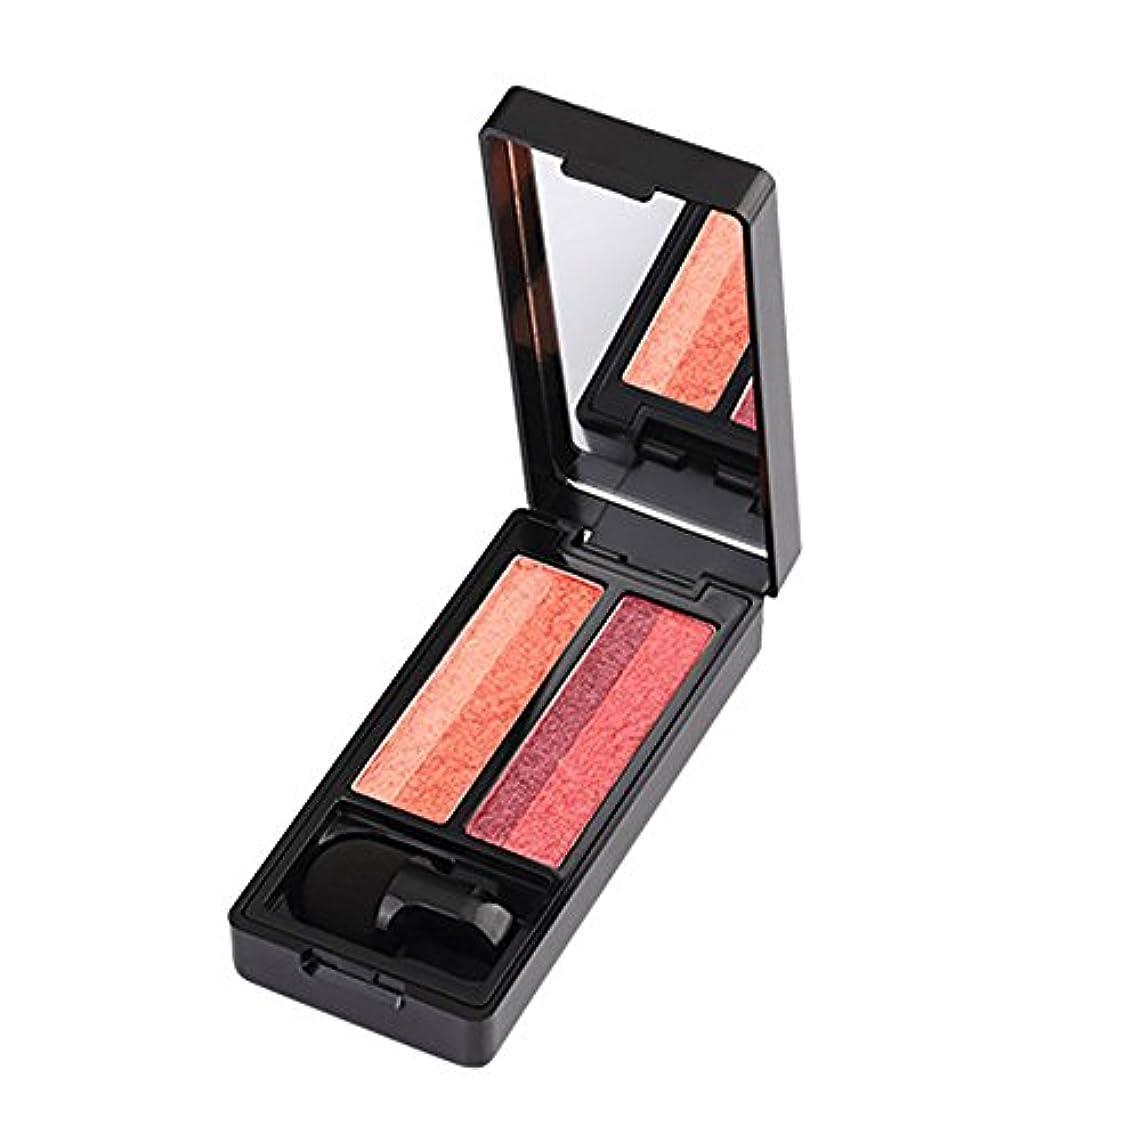 自発サーバかび臭いAkane アイシャドウパレット UBUB 人気 ファッション 綺麗 高級 グラデーション つや消し 完璧な マット 持ち便利 Eye Shadow (2色)